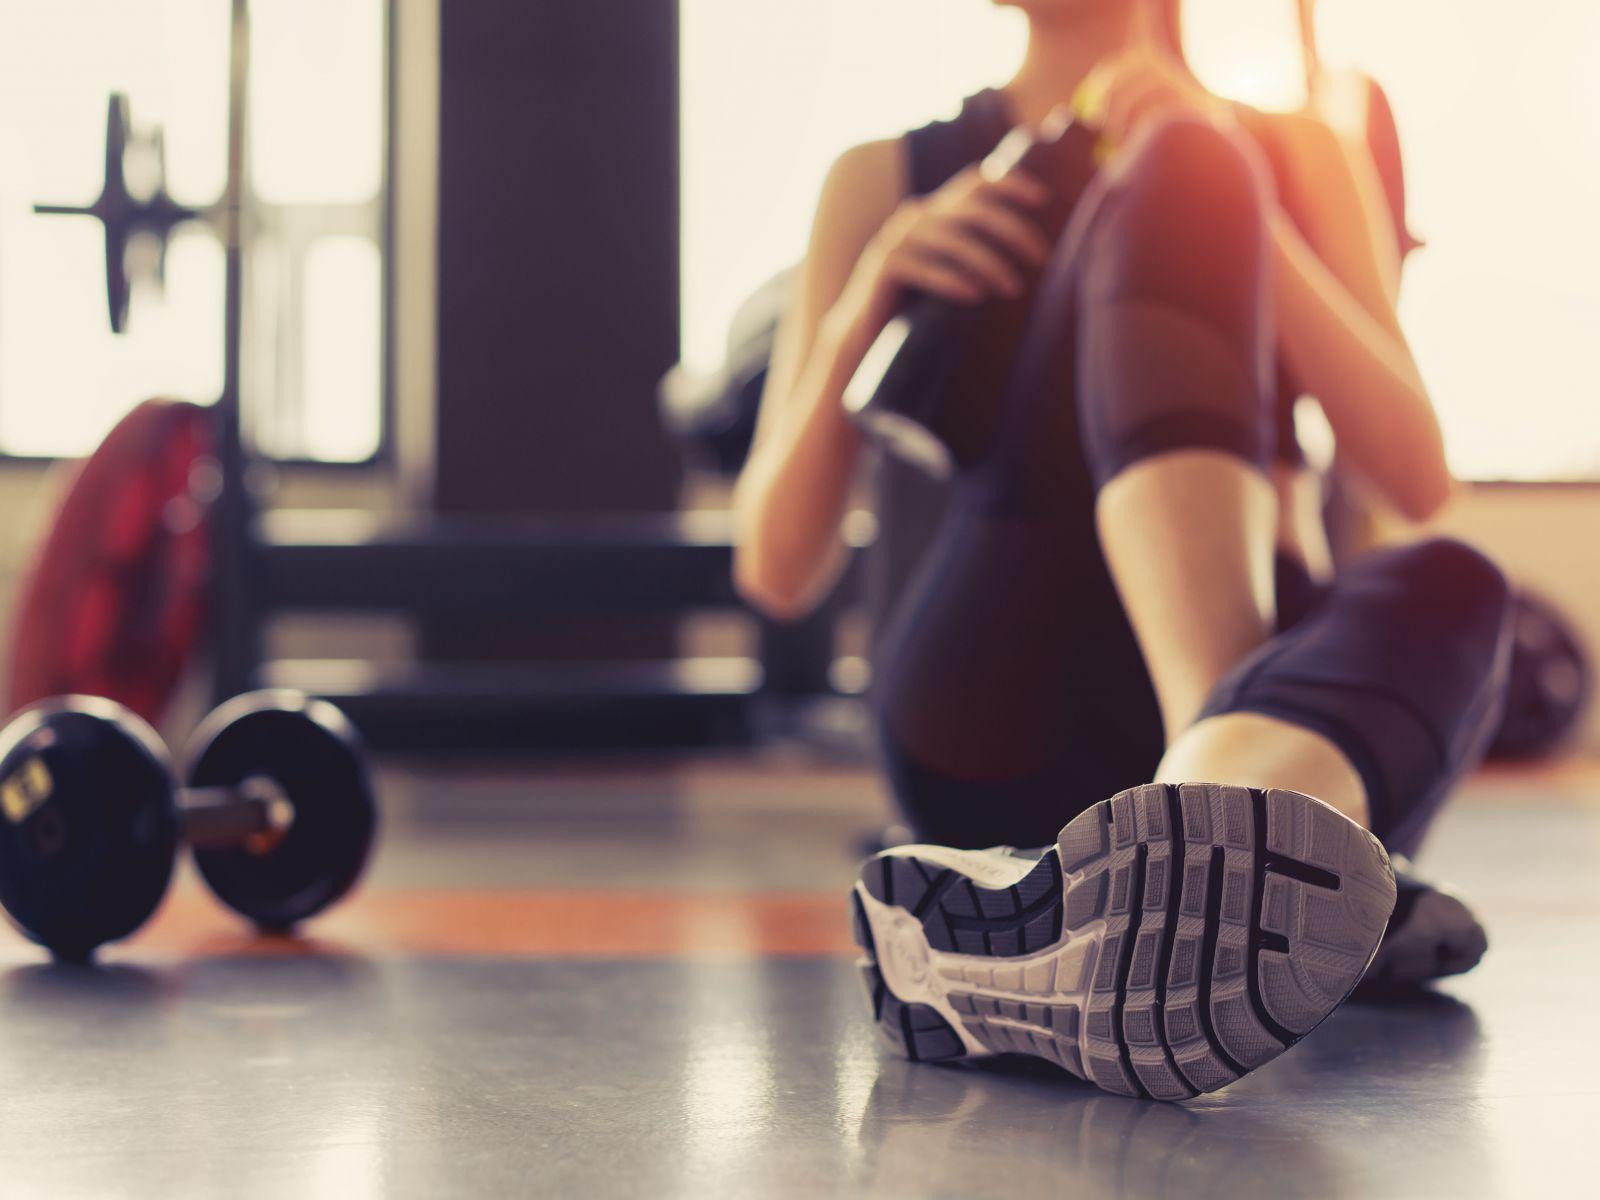 我們都需要能夠持續的簡單健身計畫